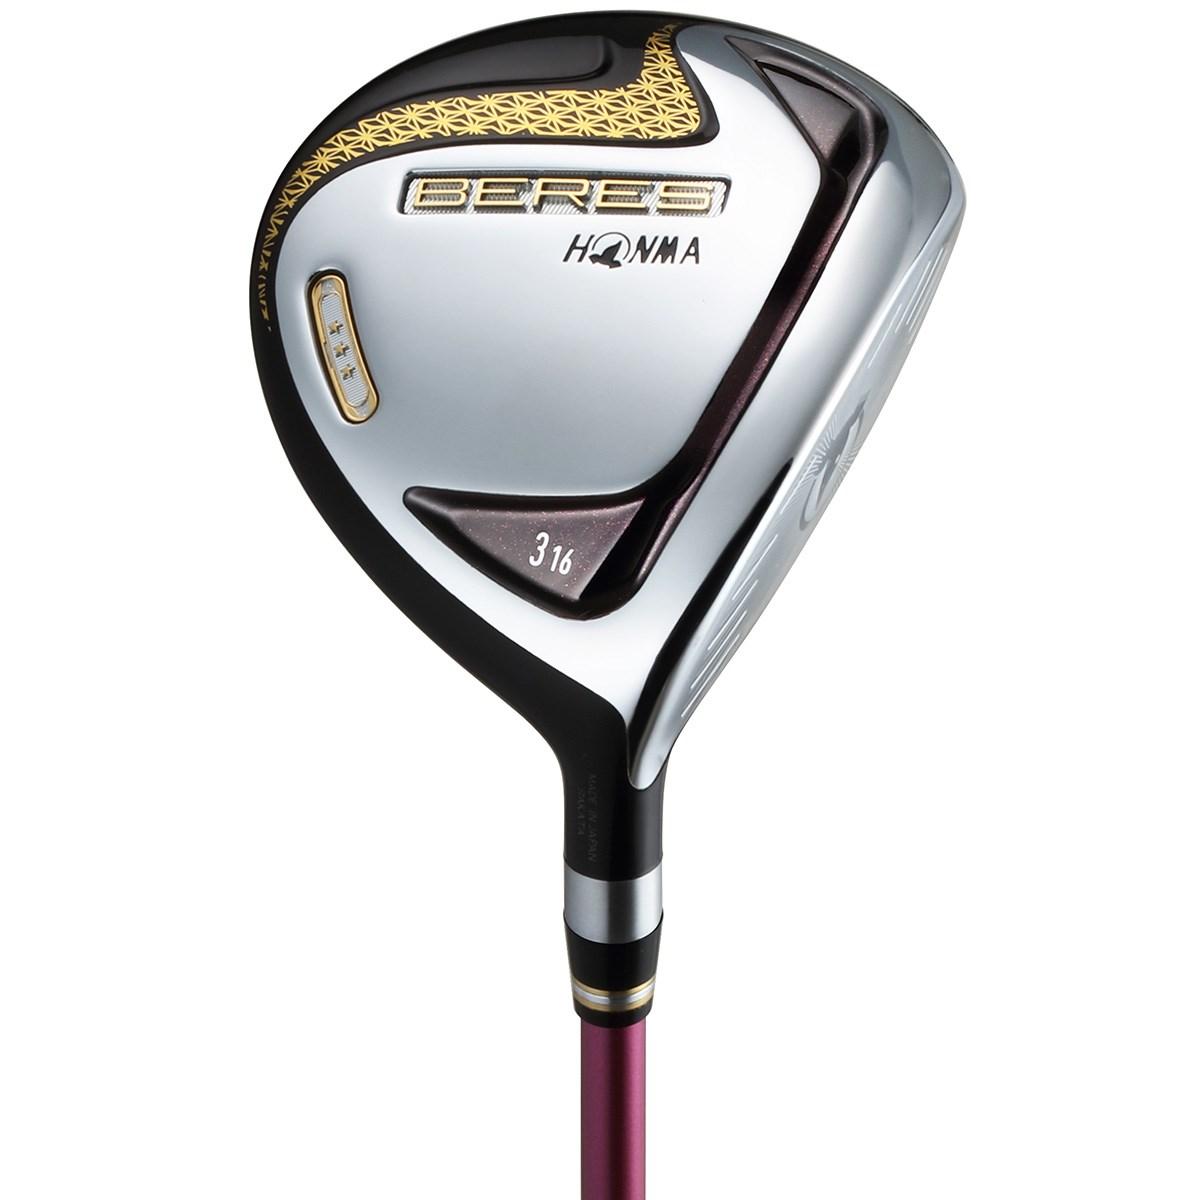 本間ゴルフ(HONMA GOLF) ベレス フェアウェイウッド ARMRQ 38 3Sレディス